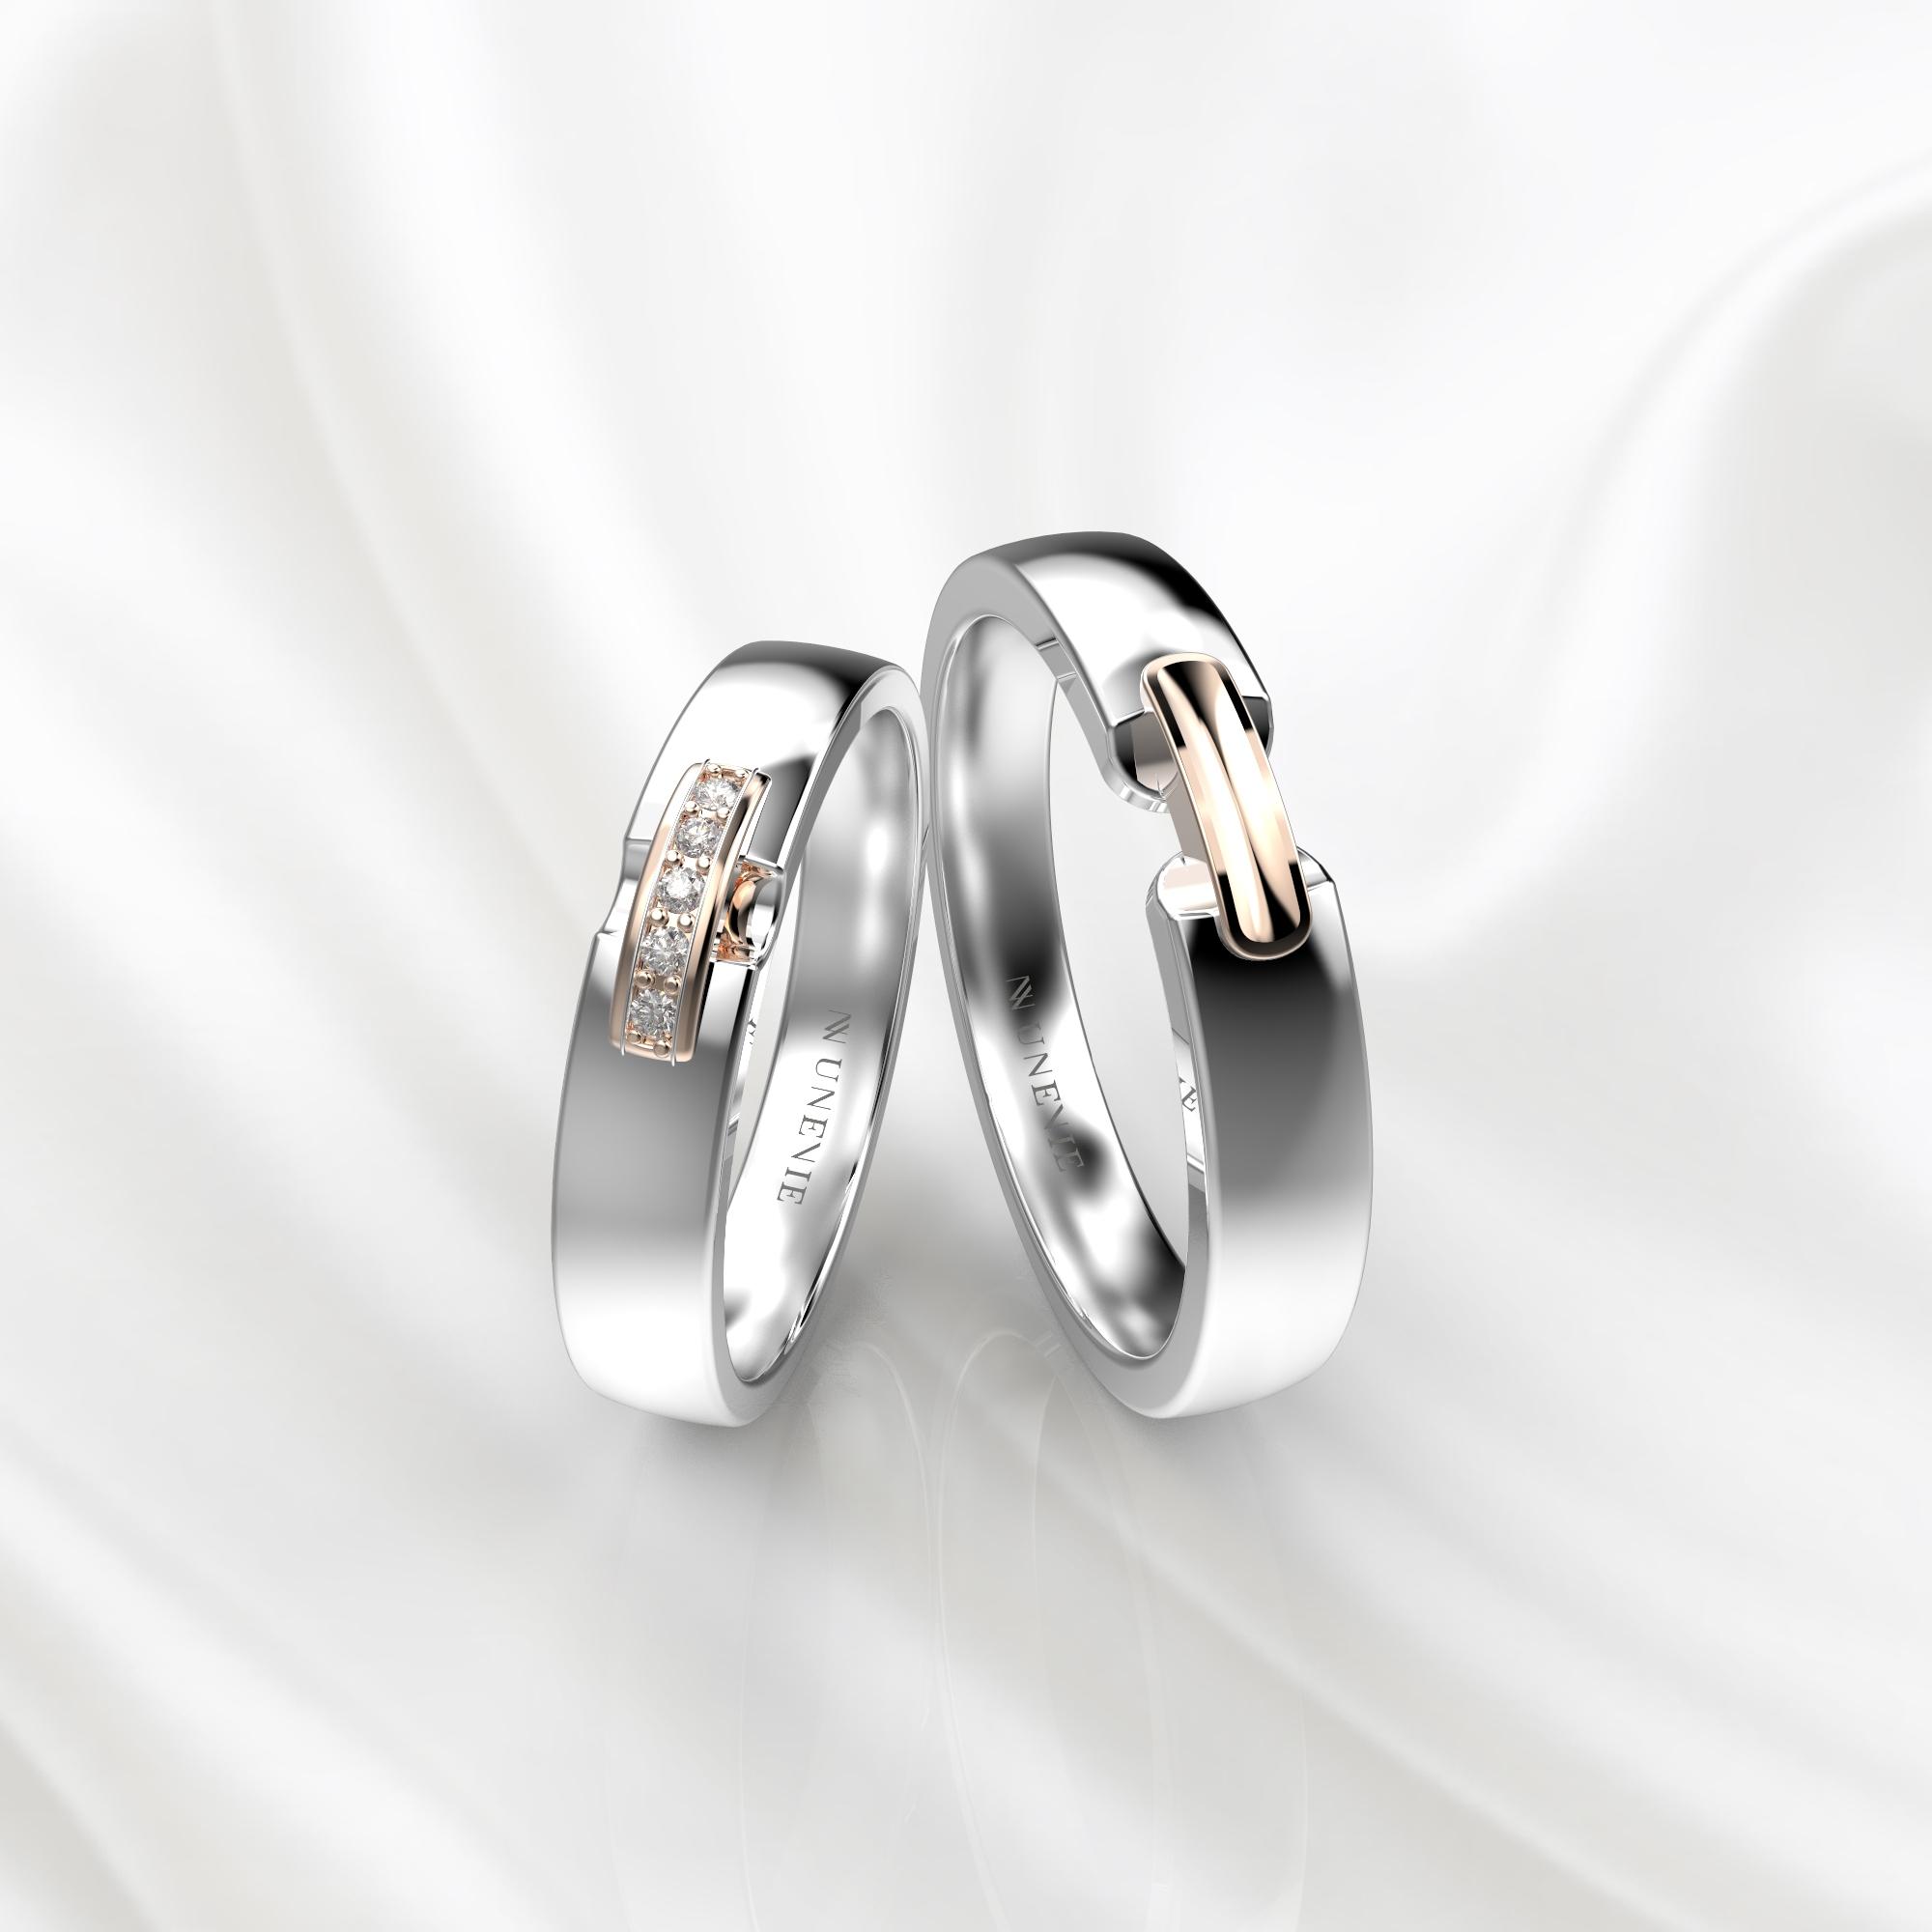 NV65 Парные обручальные кольца из бело-розового золота с бриллиантами